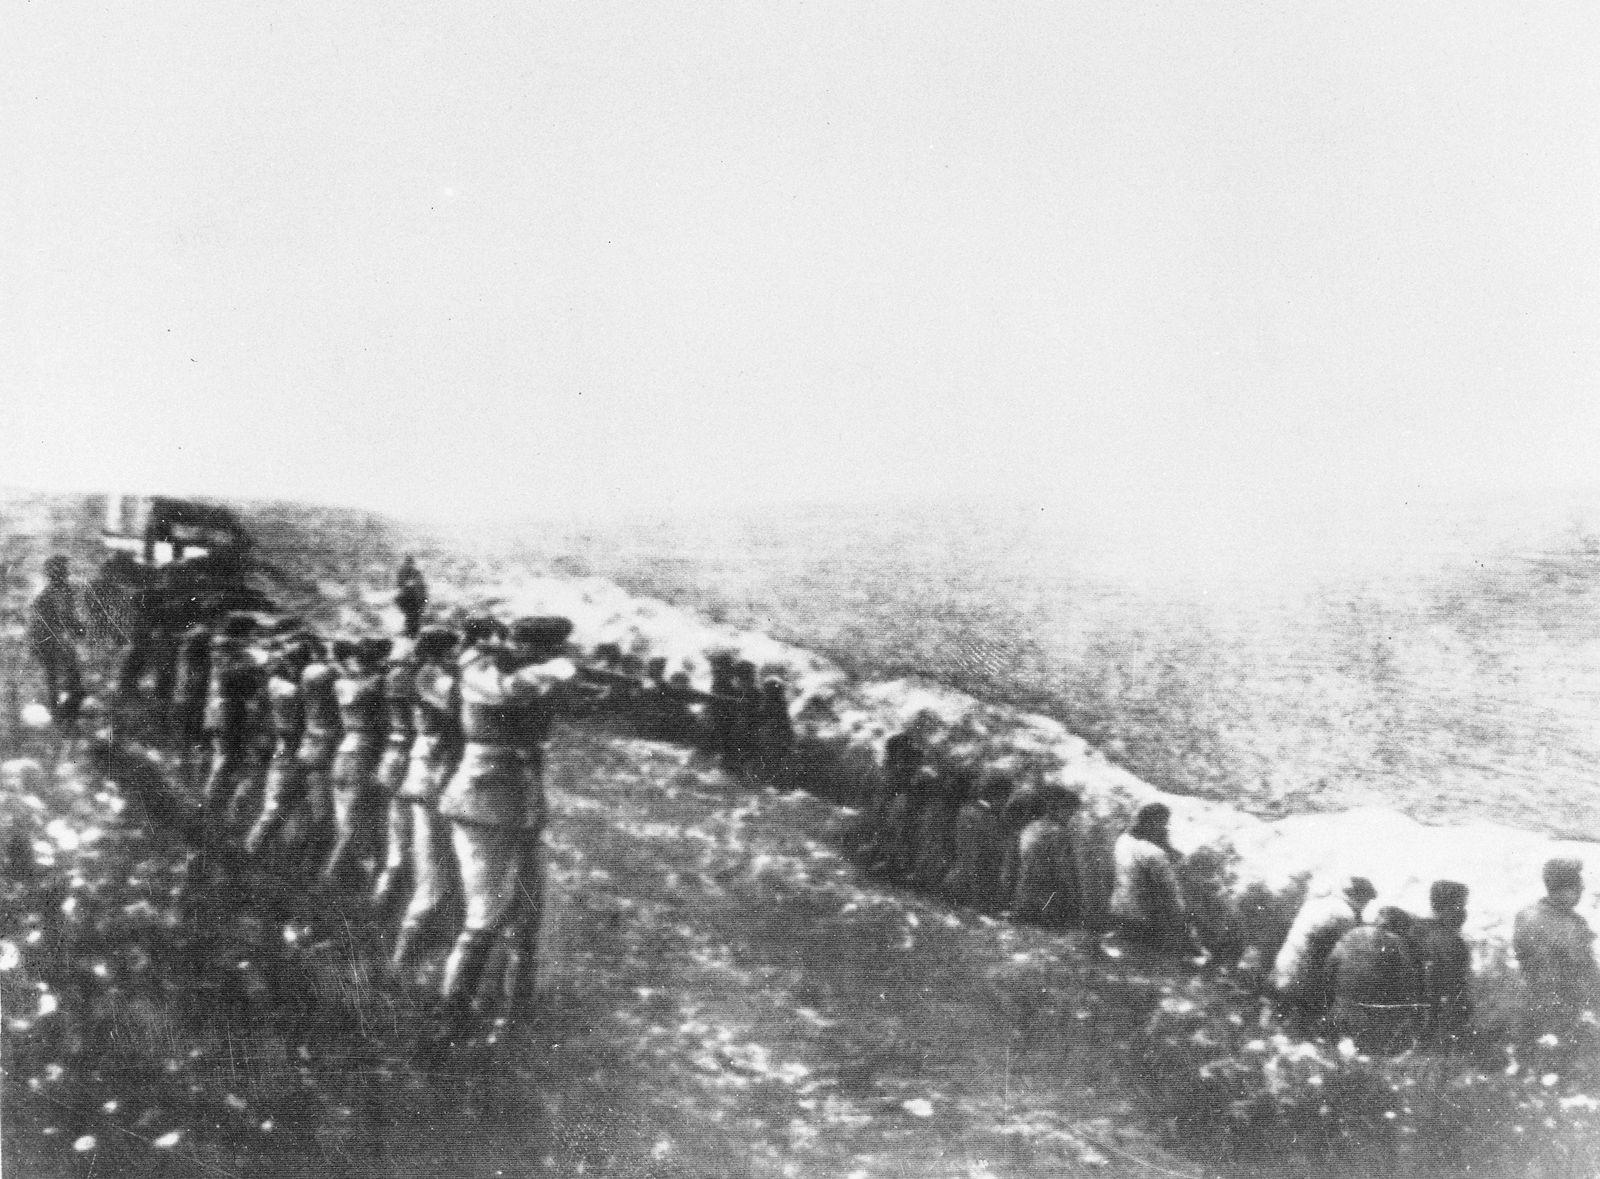 WWII Nazi Atrocities In The Ukraine 1942